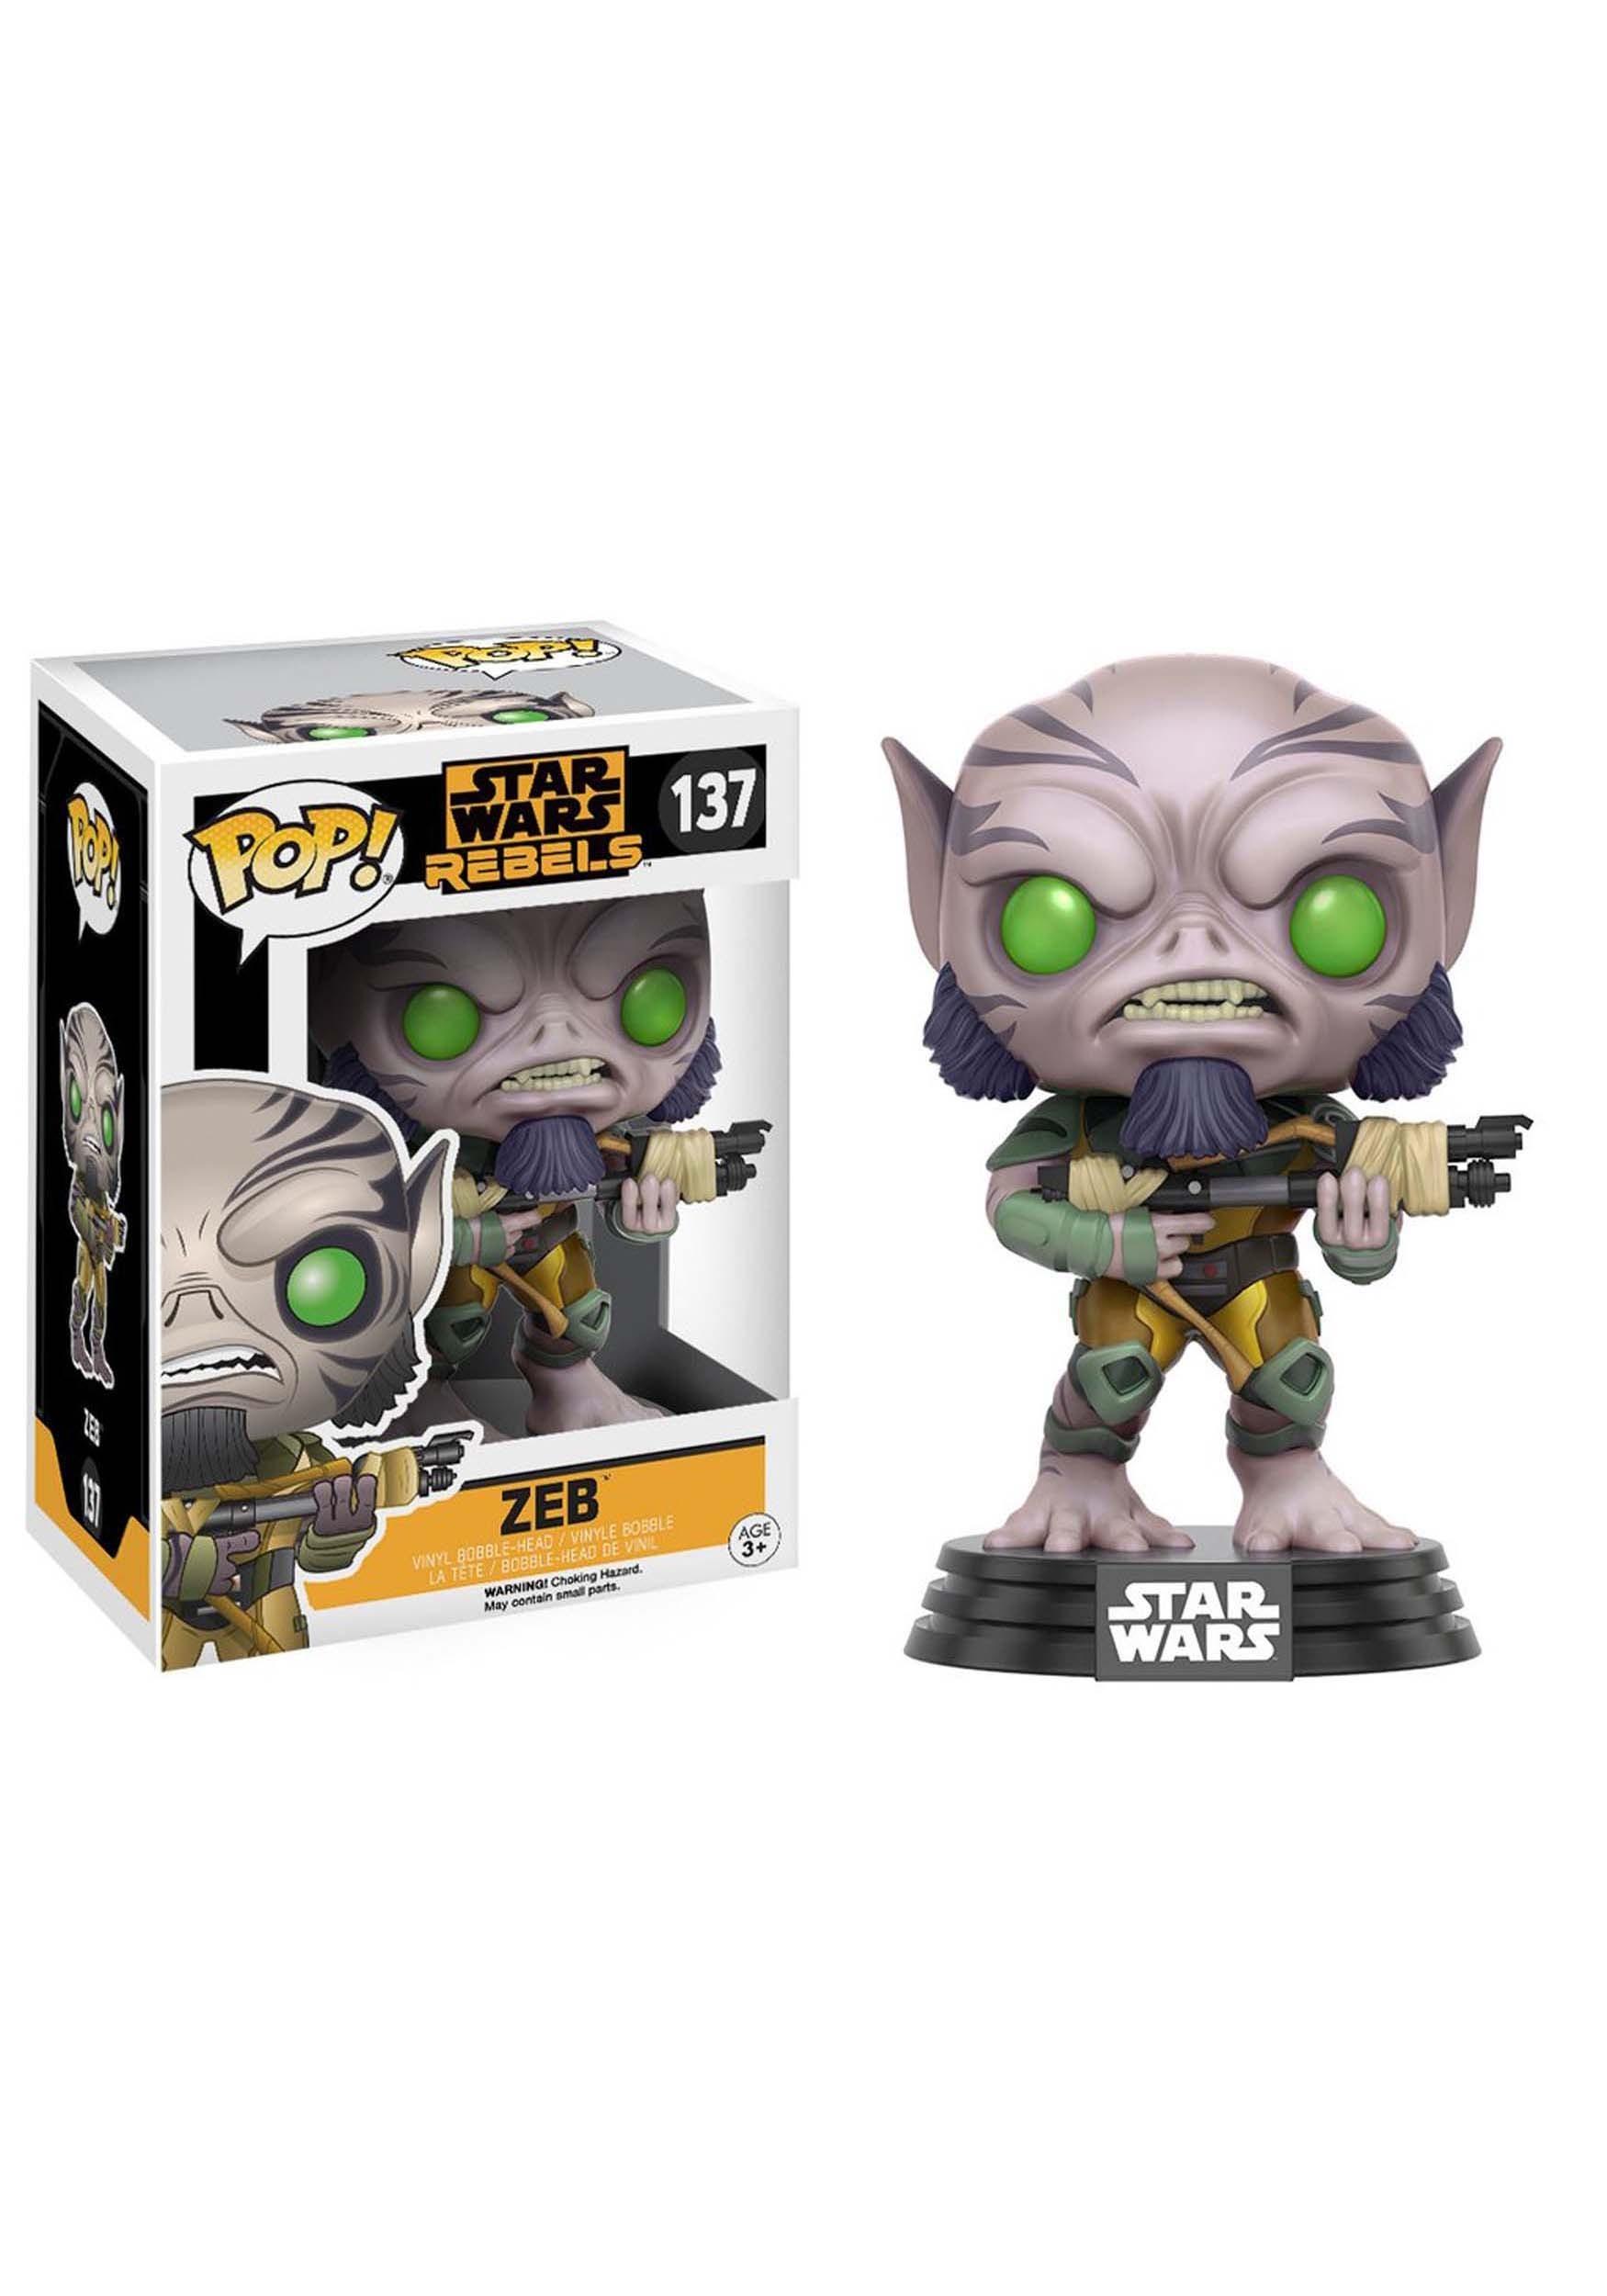 Zeb Pop Bobblehead Figure From Star Wars Rebels